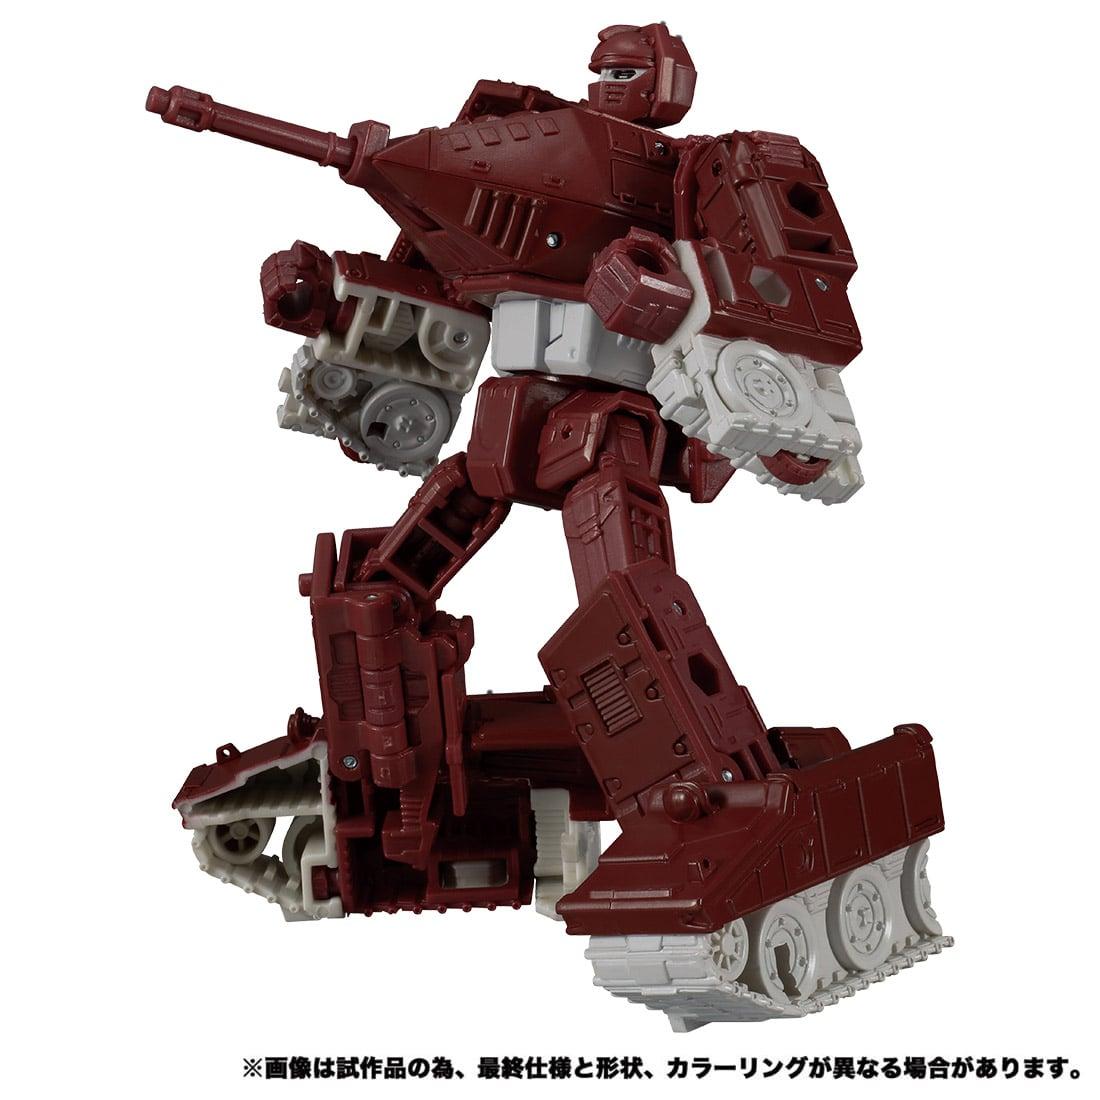 トランスフォーマー キングダム『KD-06 オートボットワーパス』可変可動フィギュア-004